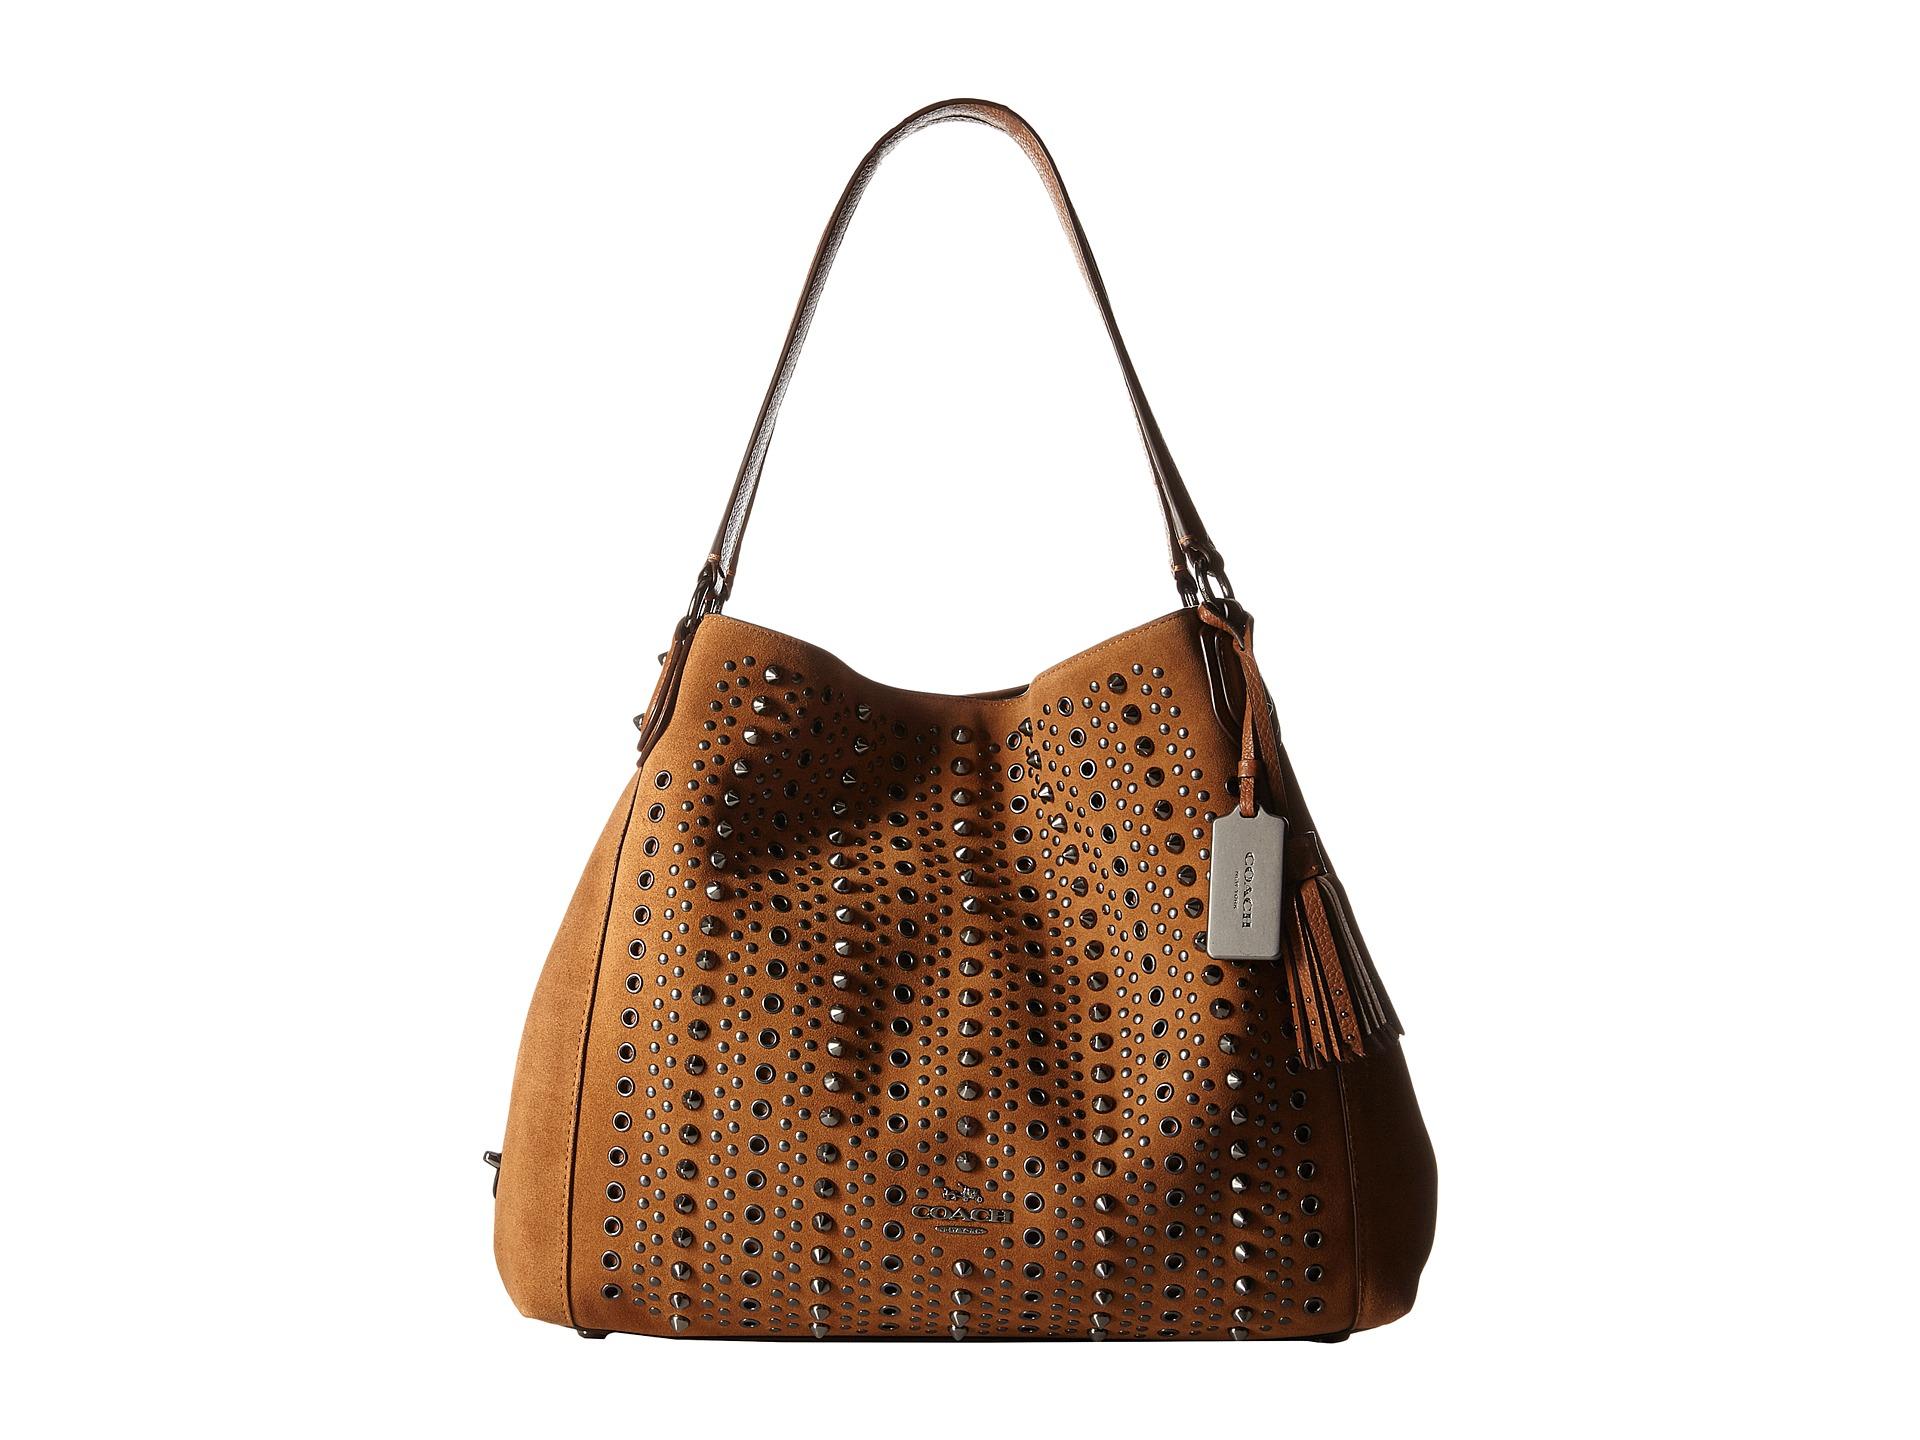 Lyst - Coach Edie 31 Shoulder Bag in Brown